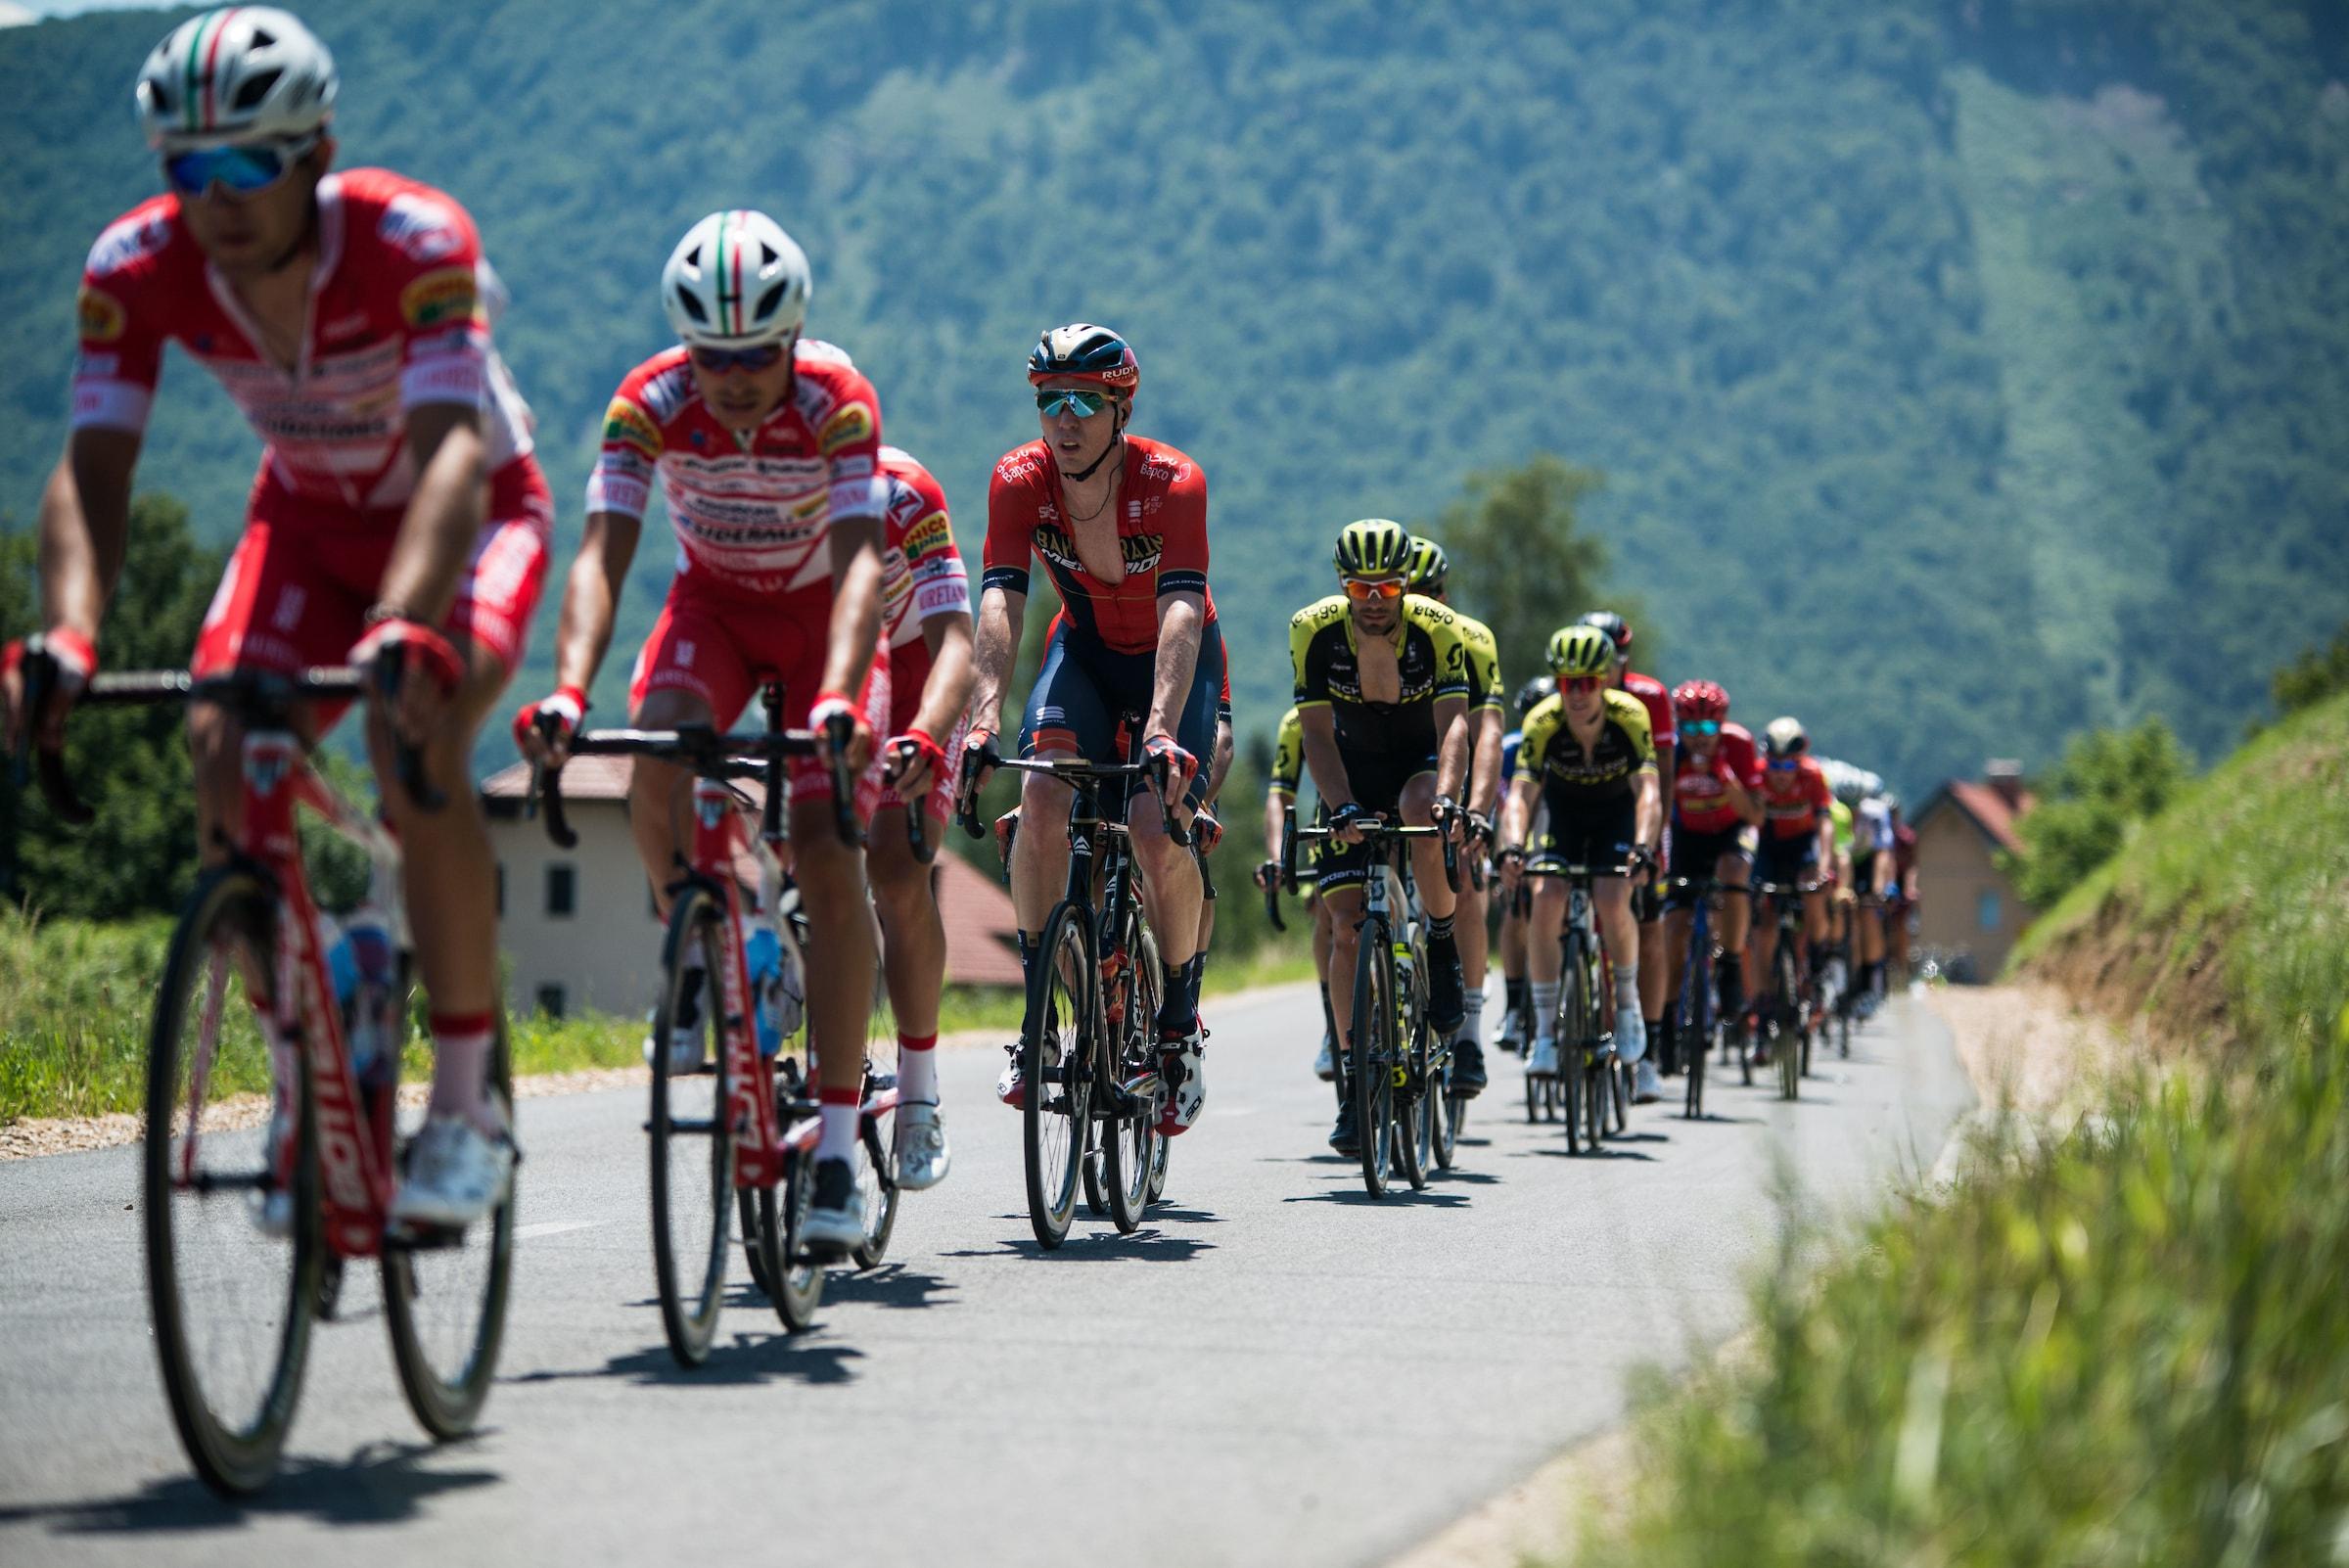 Slovenska pentlja s štirimi ekipami svetovne serije, kraljevska etapa na Primorskem